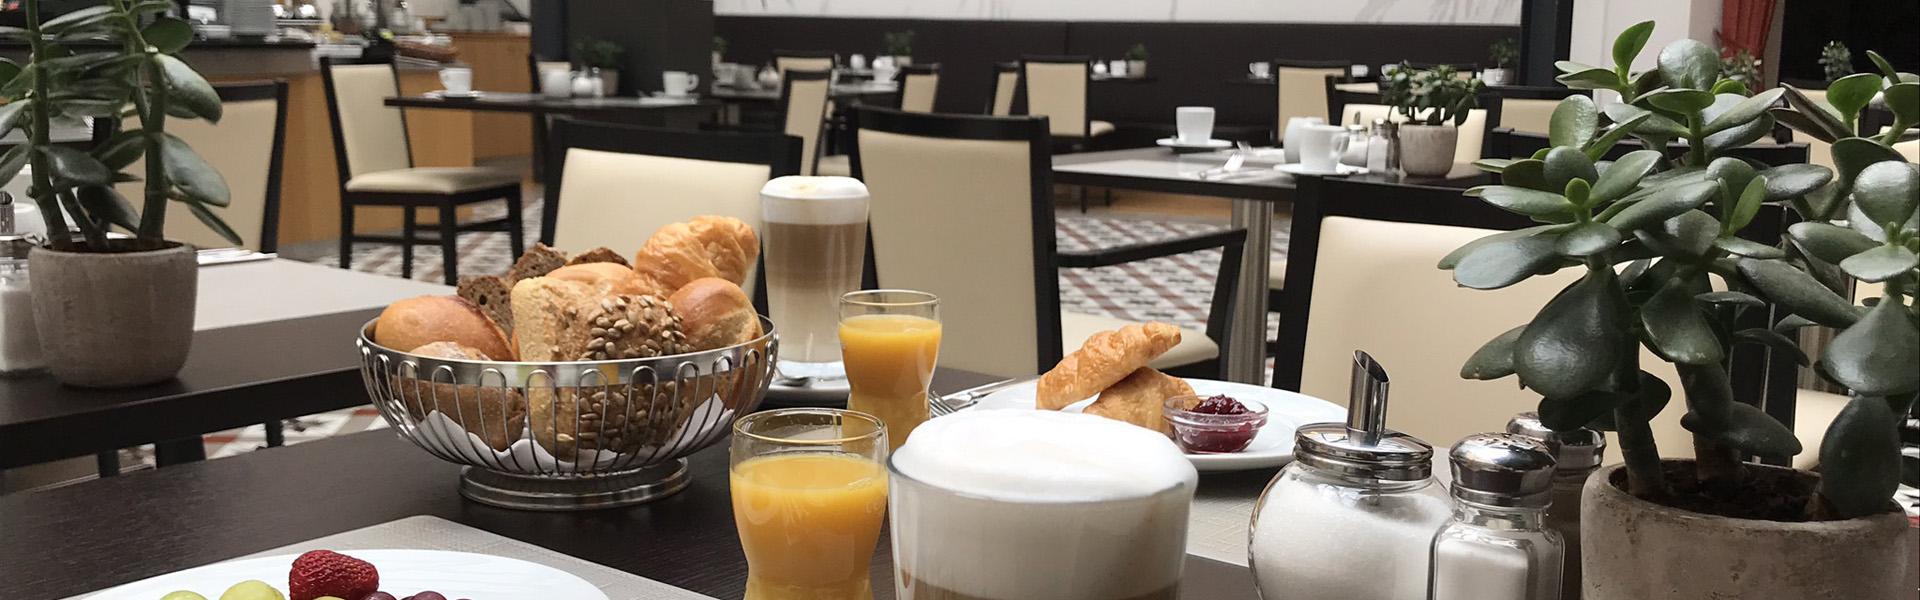 Frühstück 4 Sterne Hotel Bielefeld Innenstadt